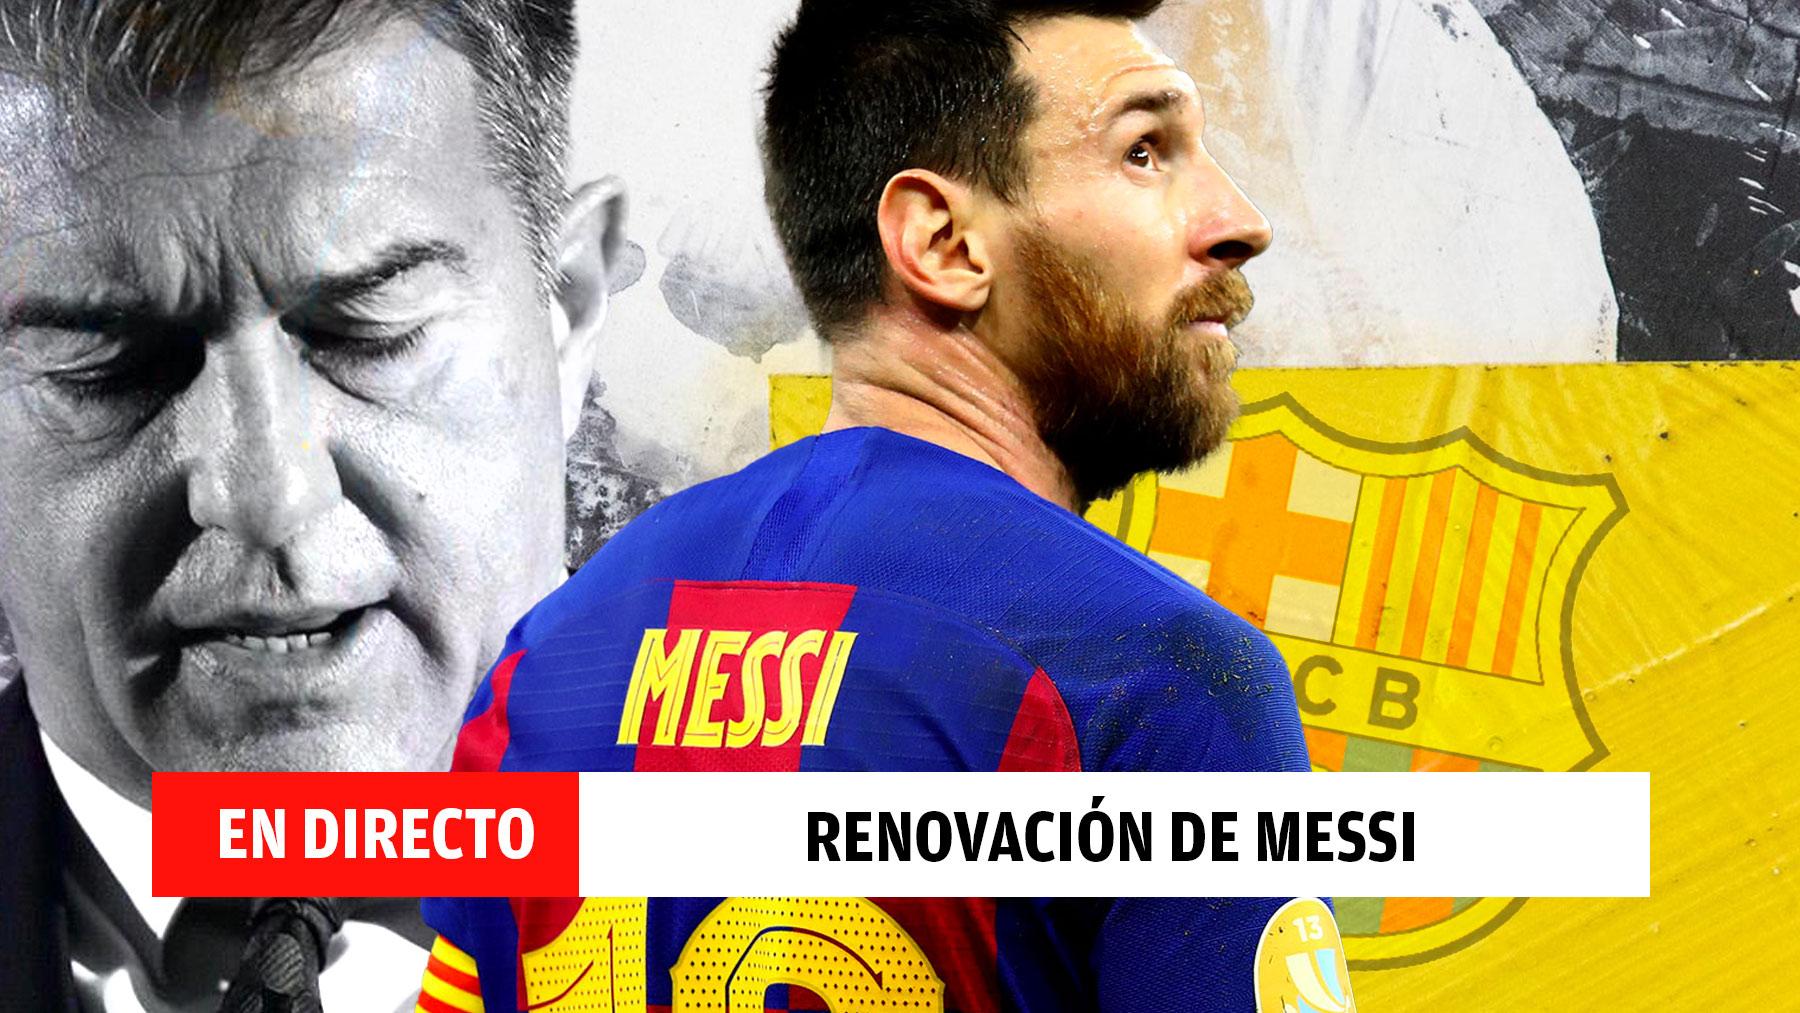 En directo: el contrato de Messi expira en las próximas horas.